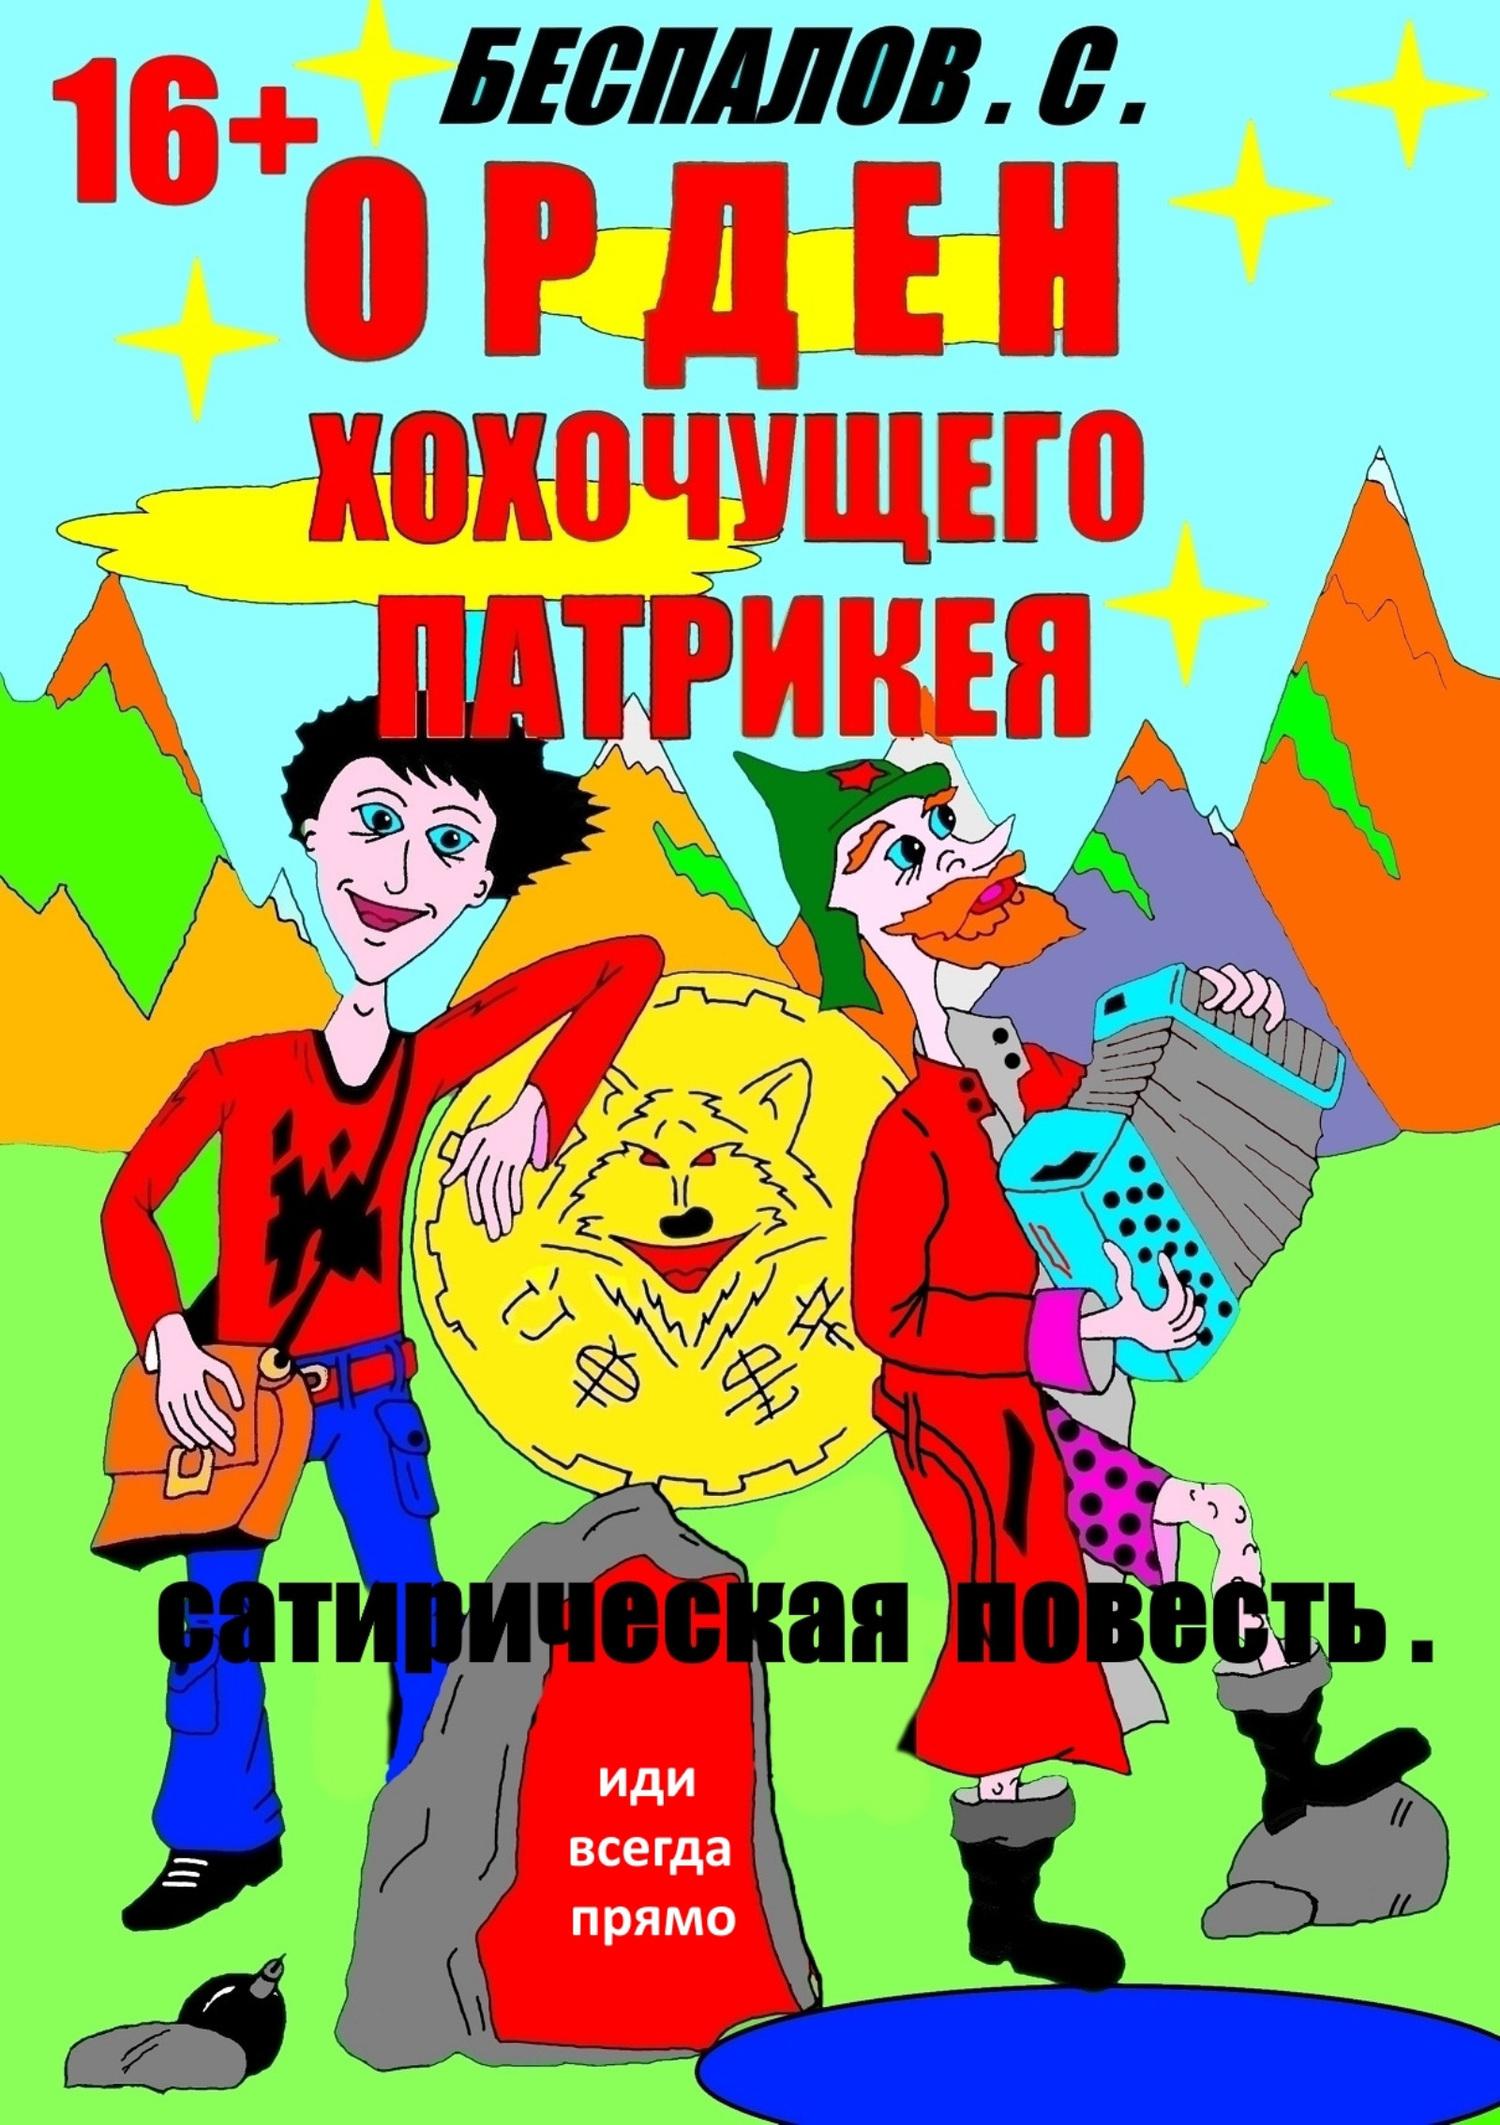 Сергей Беспалов Орден хохочущего Патрикея